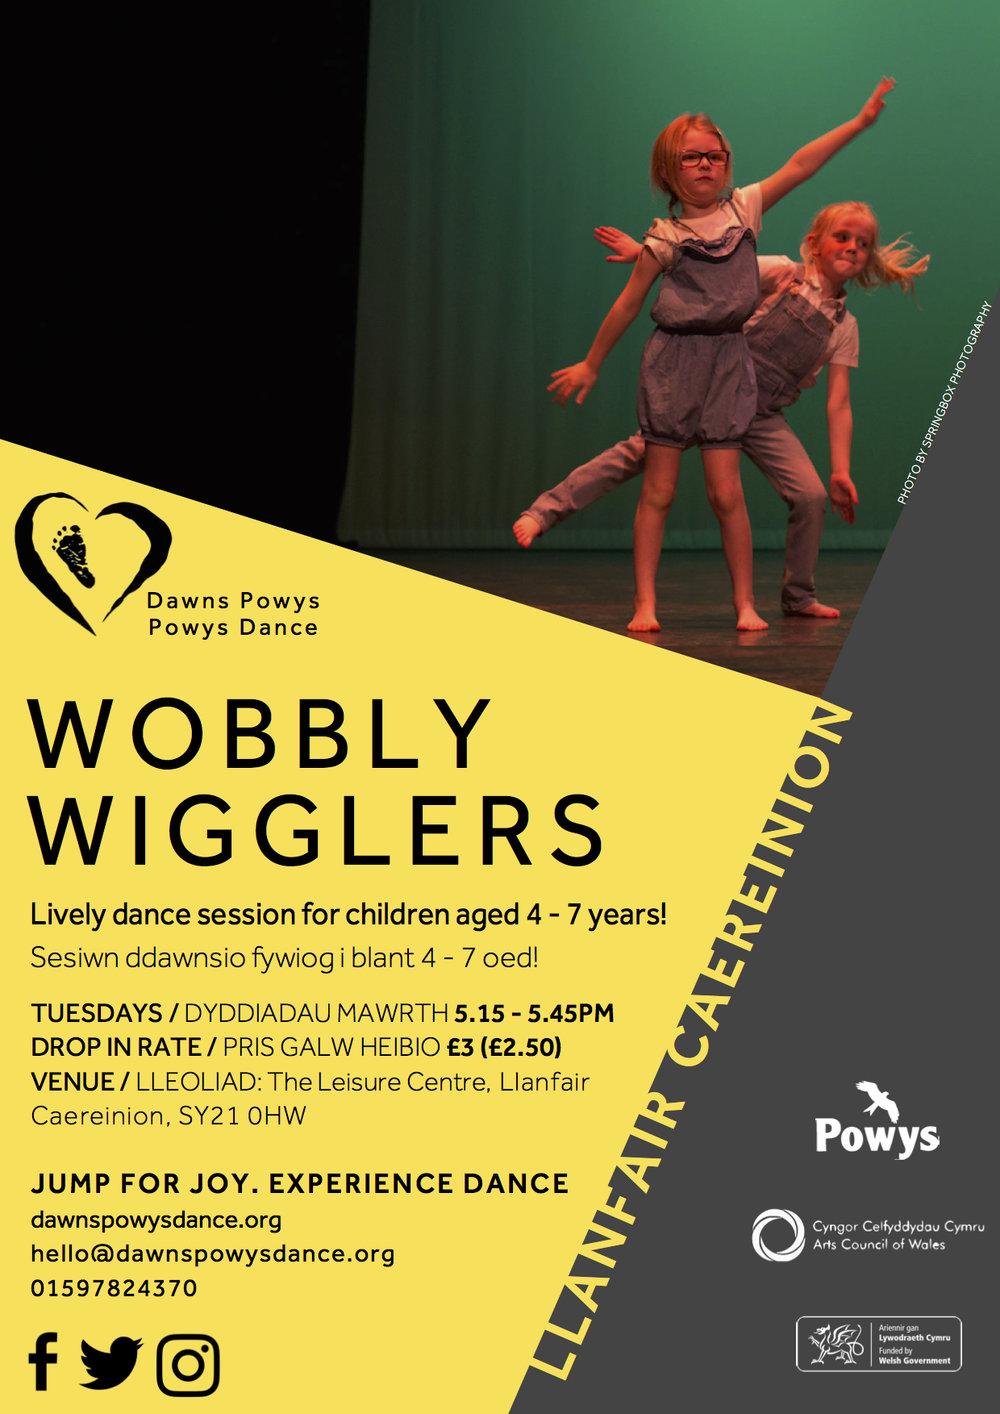 wobbly wigglers 2018.jpg